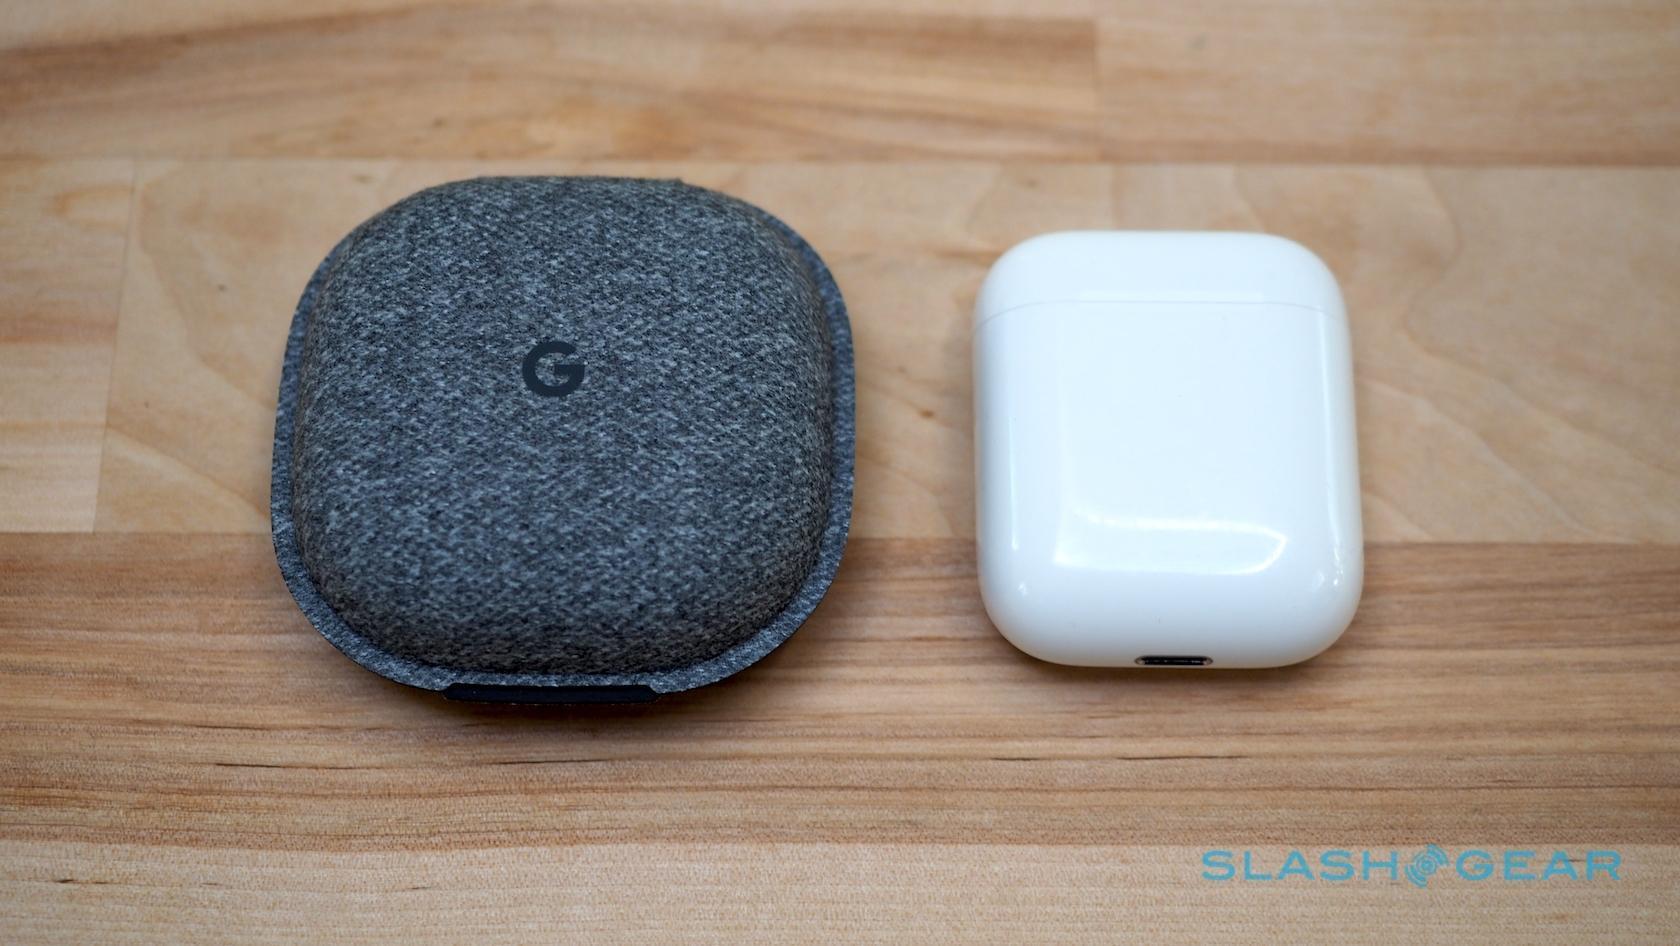 4 ways to fix Google's Pixel Buds - SlashGear